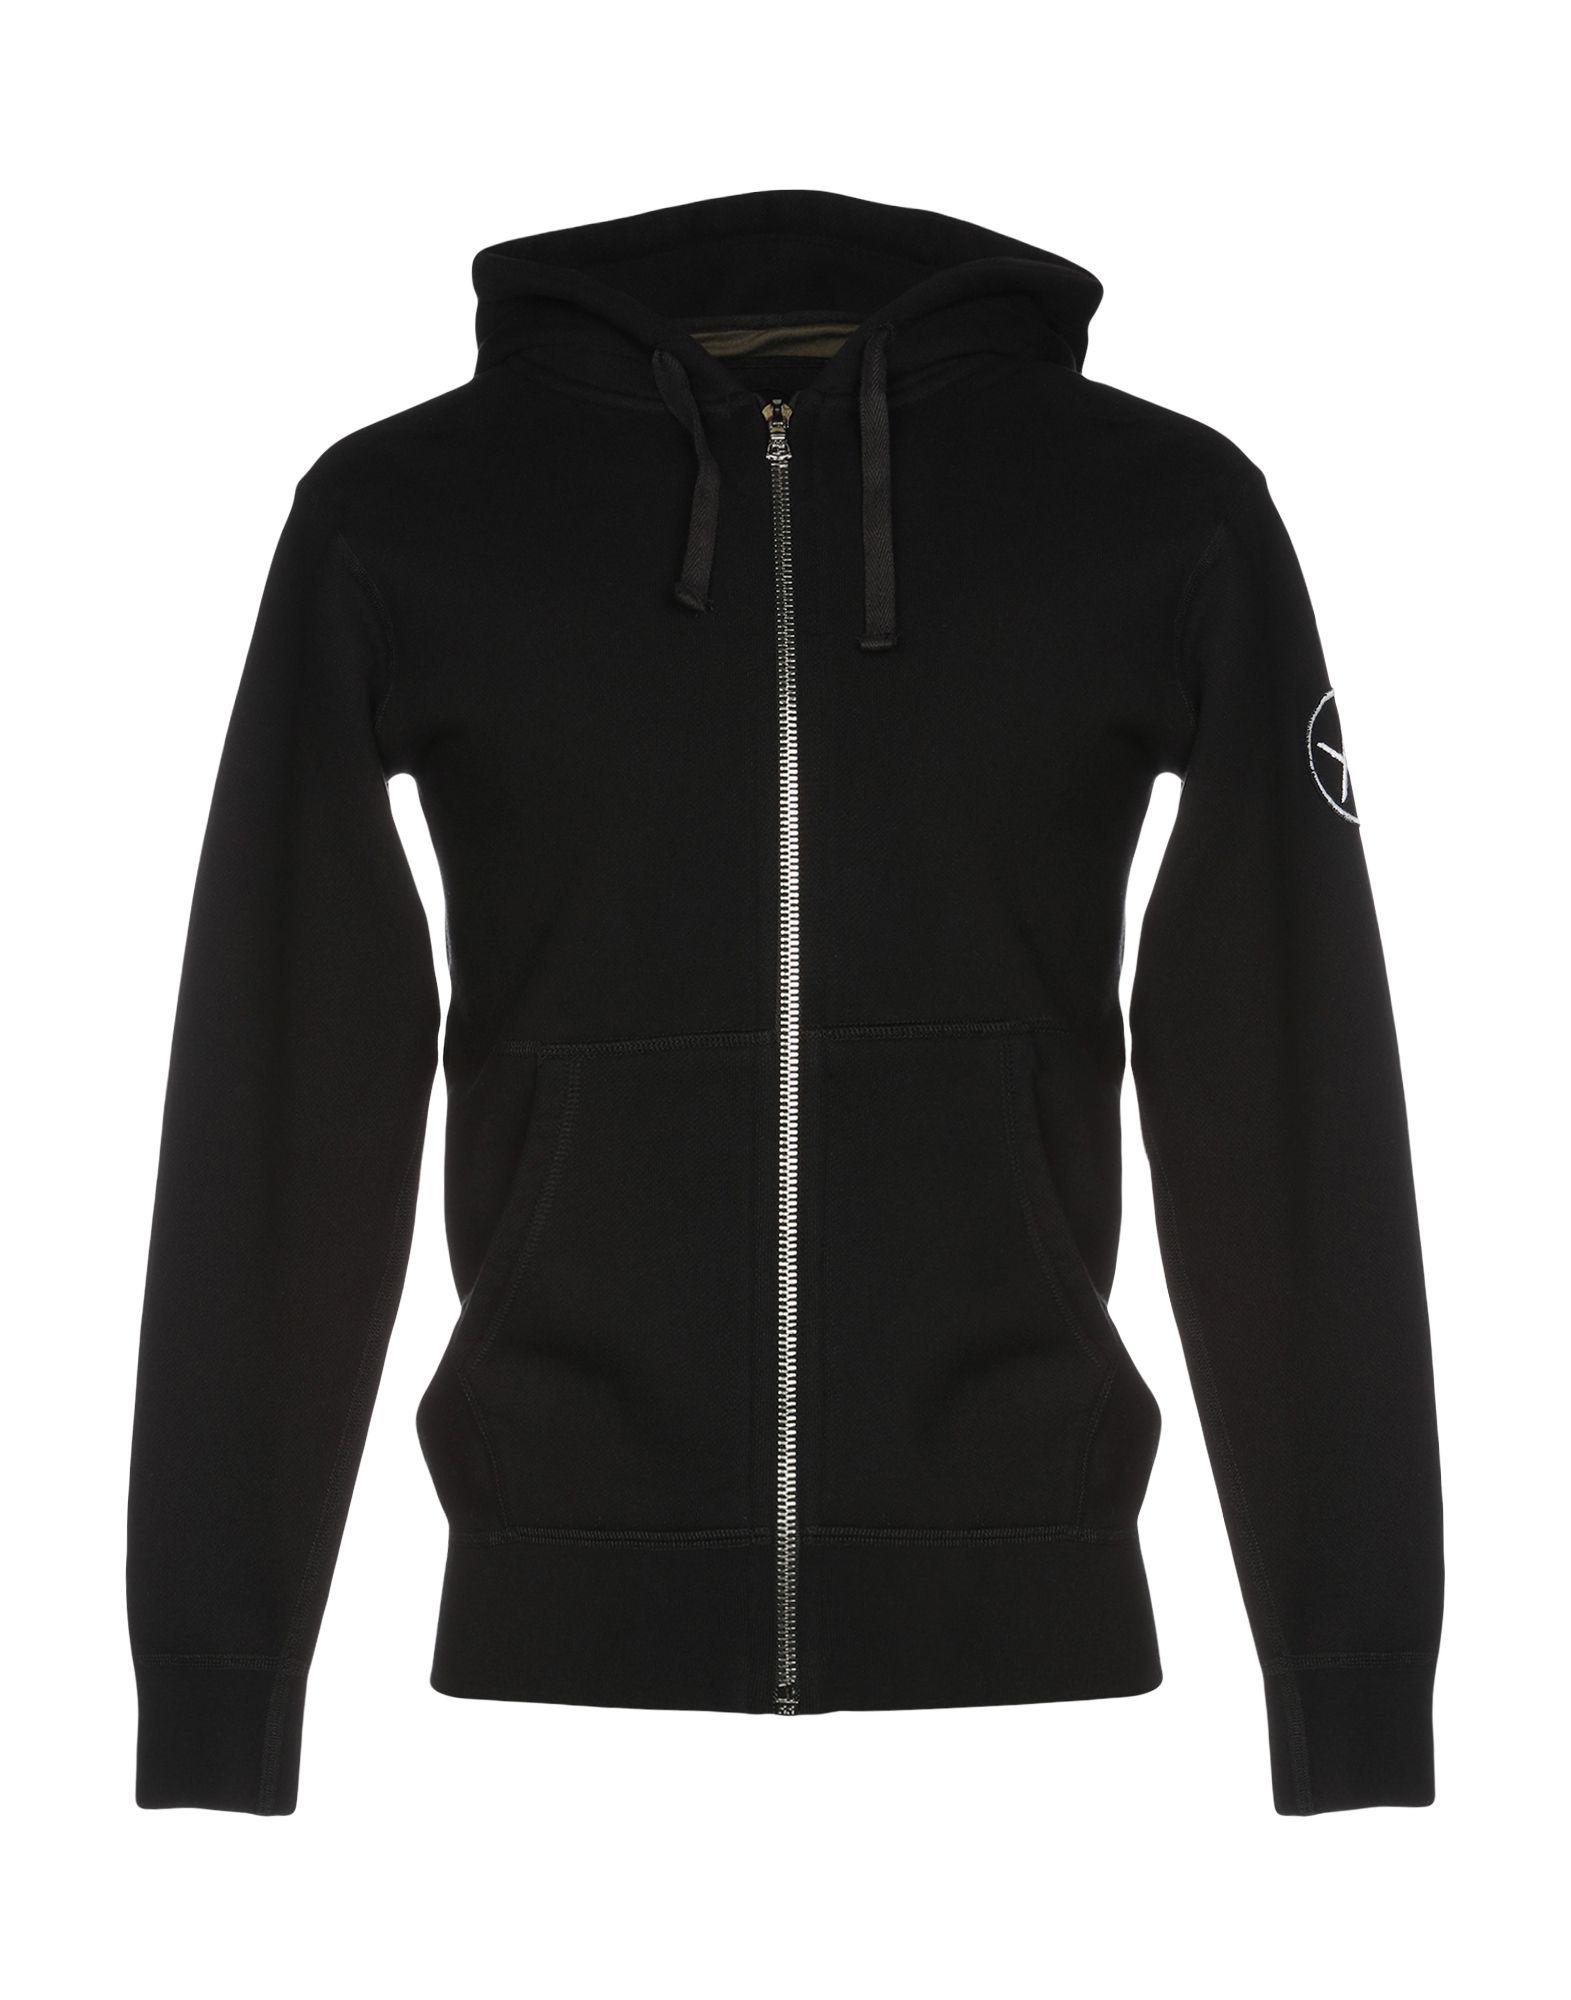 《送料無料》LOCAL AUTHORITY メンズ スウェットシャツ ブラック S コットン 100%